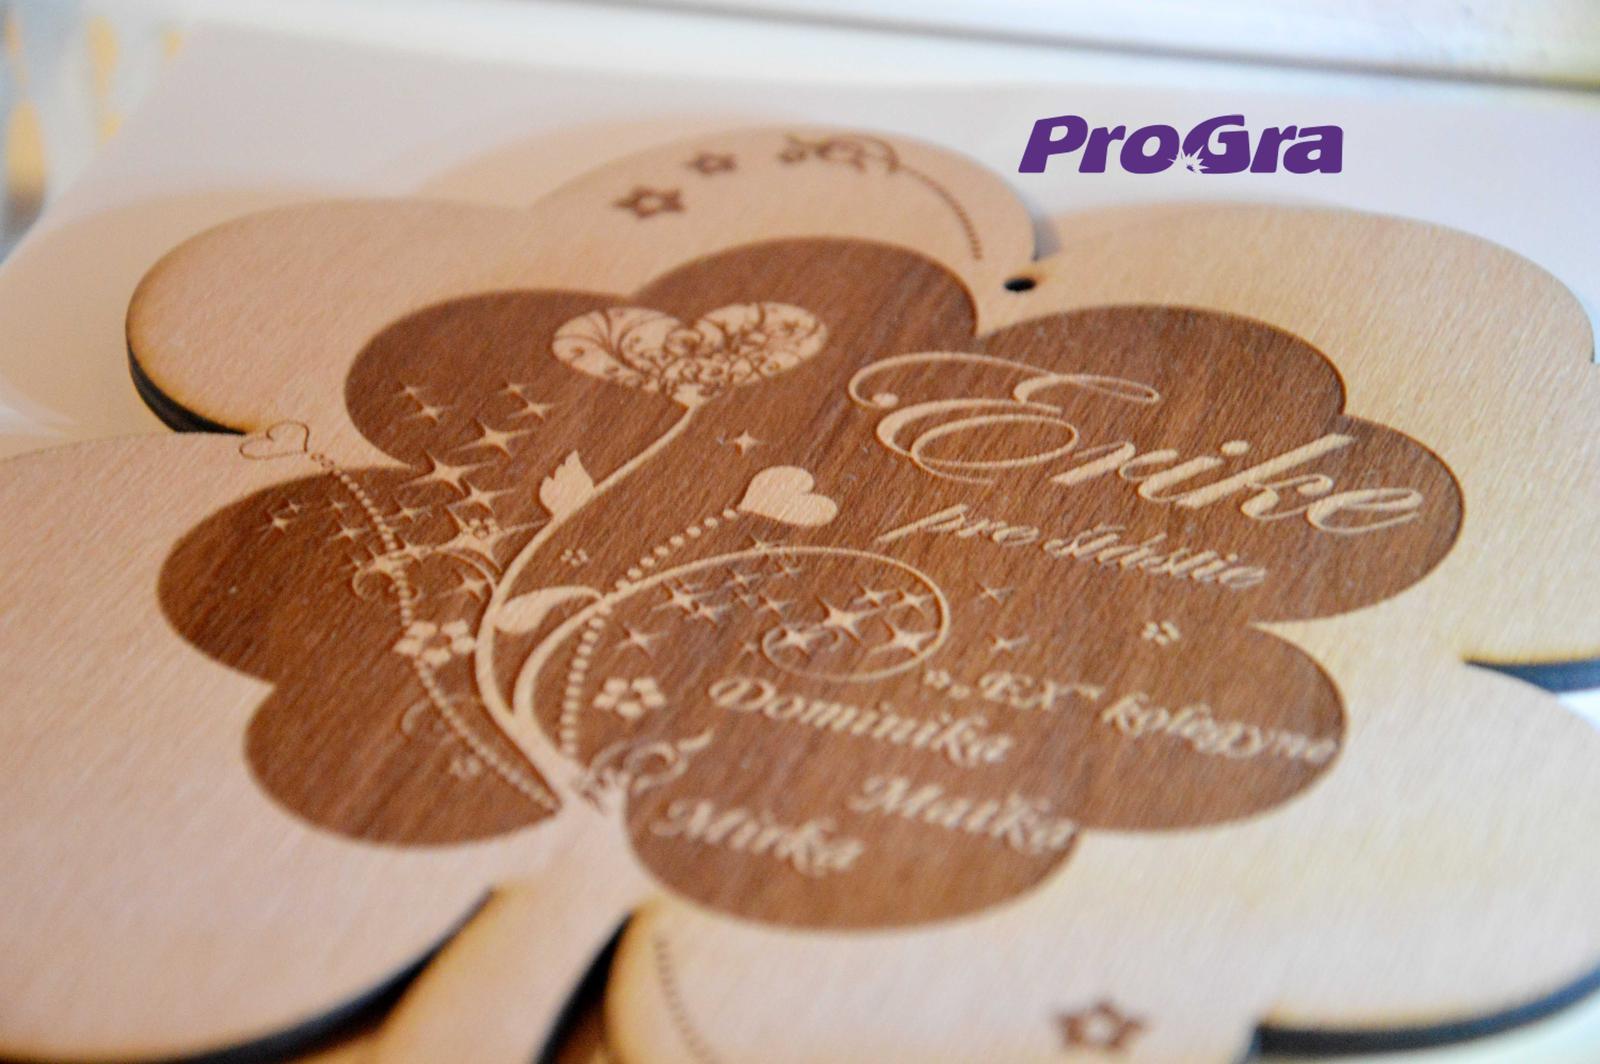 Po svatbě - Čtyřlístek - dárková tabulka pro štěstí